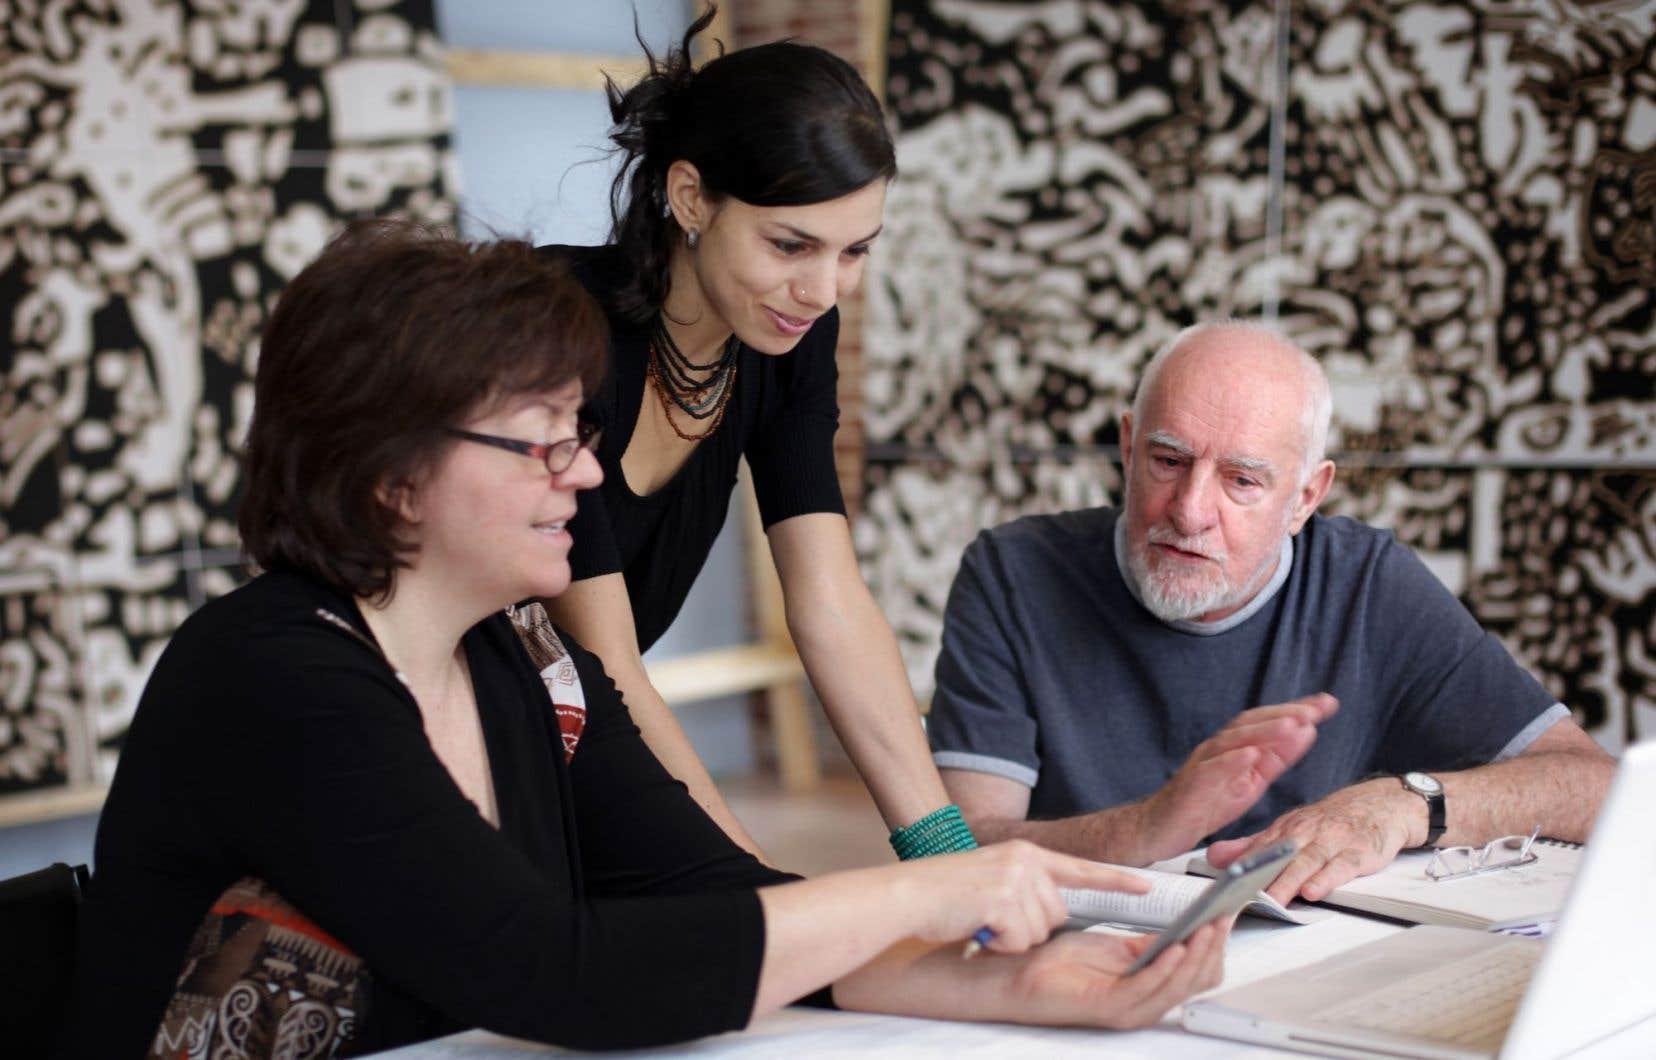 René Derouin, à droite, photographié lors du Symposium de 2013 en compagnie de Marie-Claude Cossette, administratrice (à gauche), et de Chloë Charce, commissaire invitée lors de cette édition de l'événement